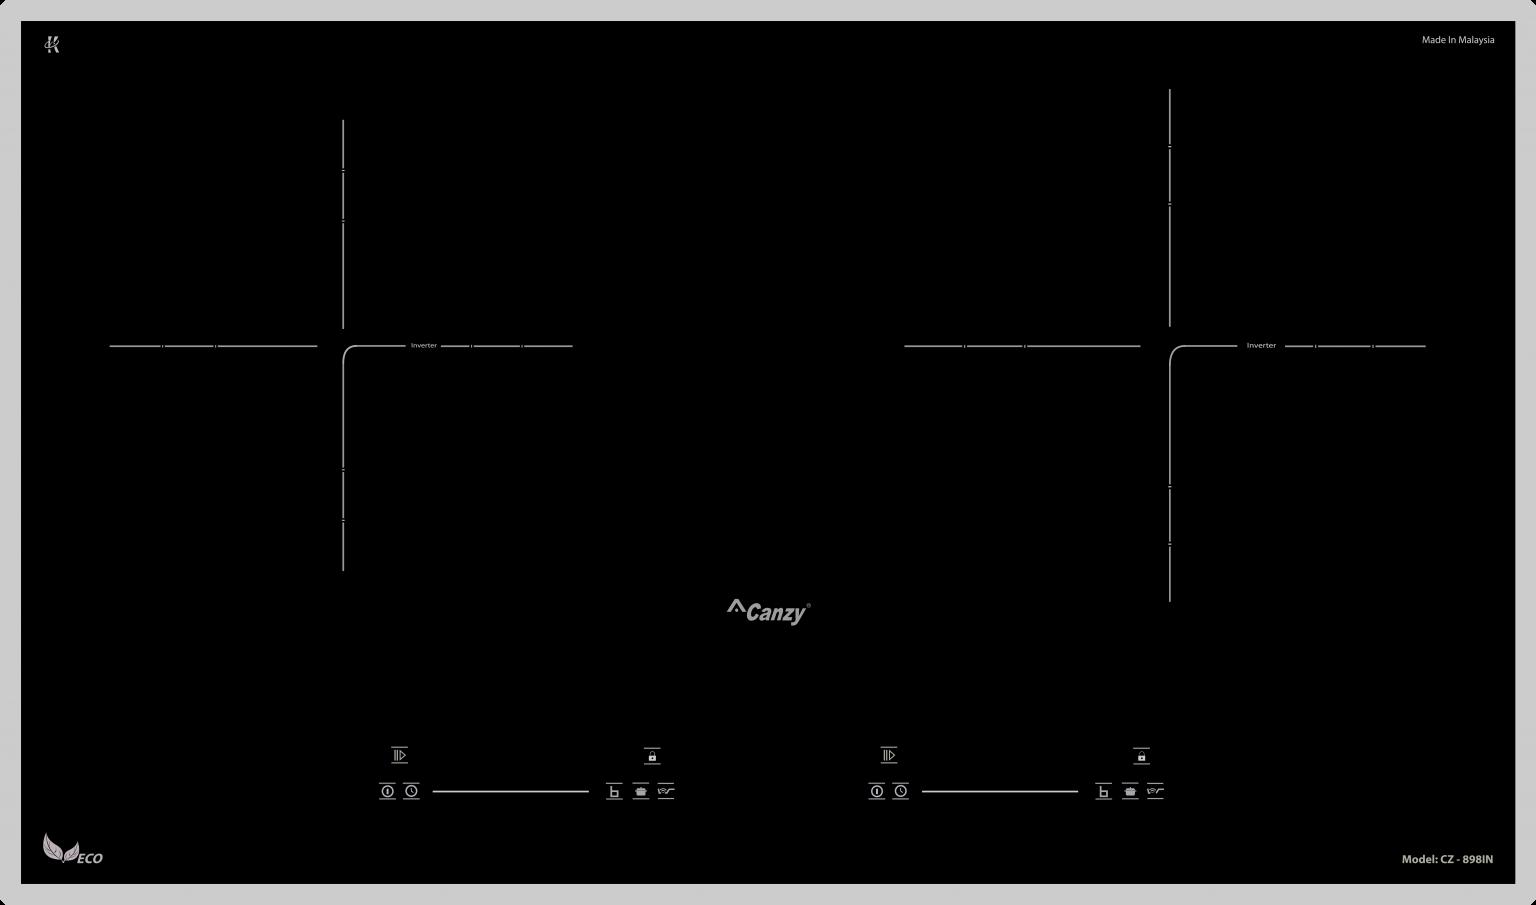 CZ-898IN-1-1536×905 (1)